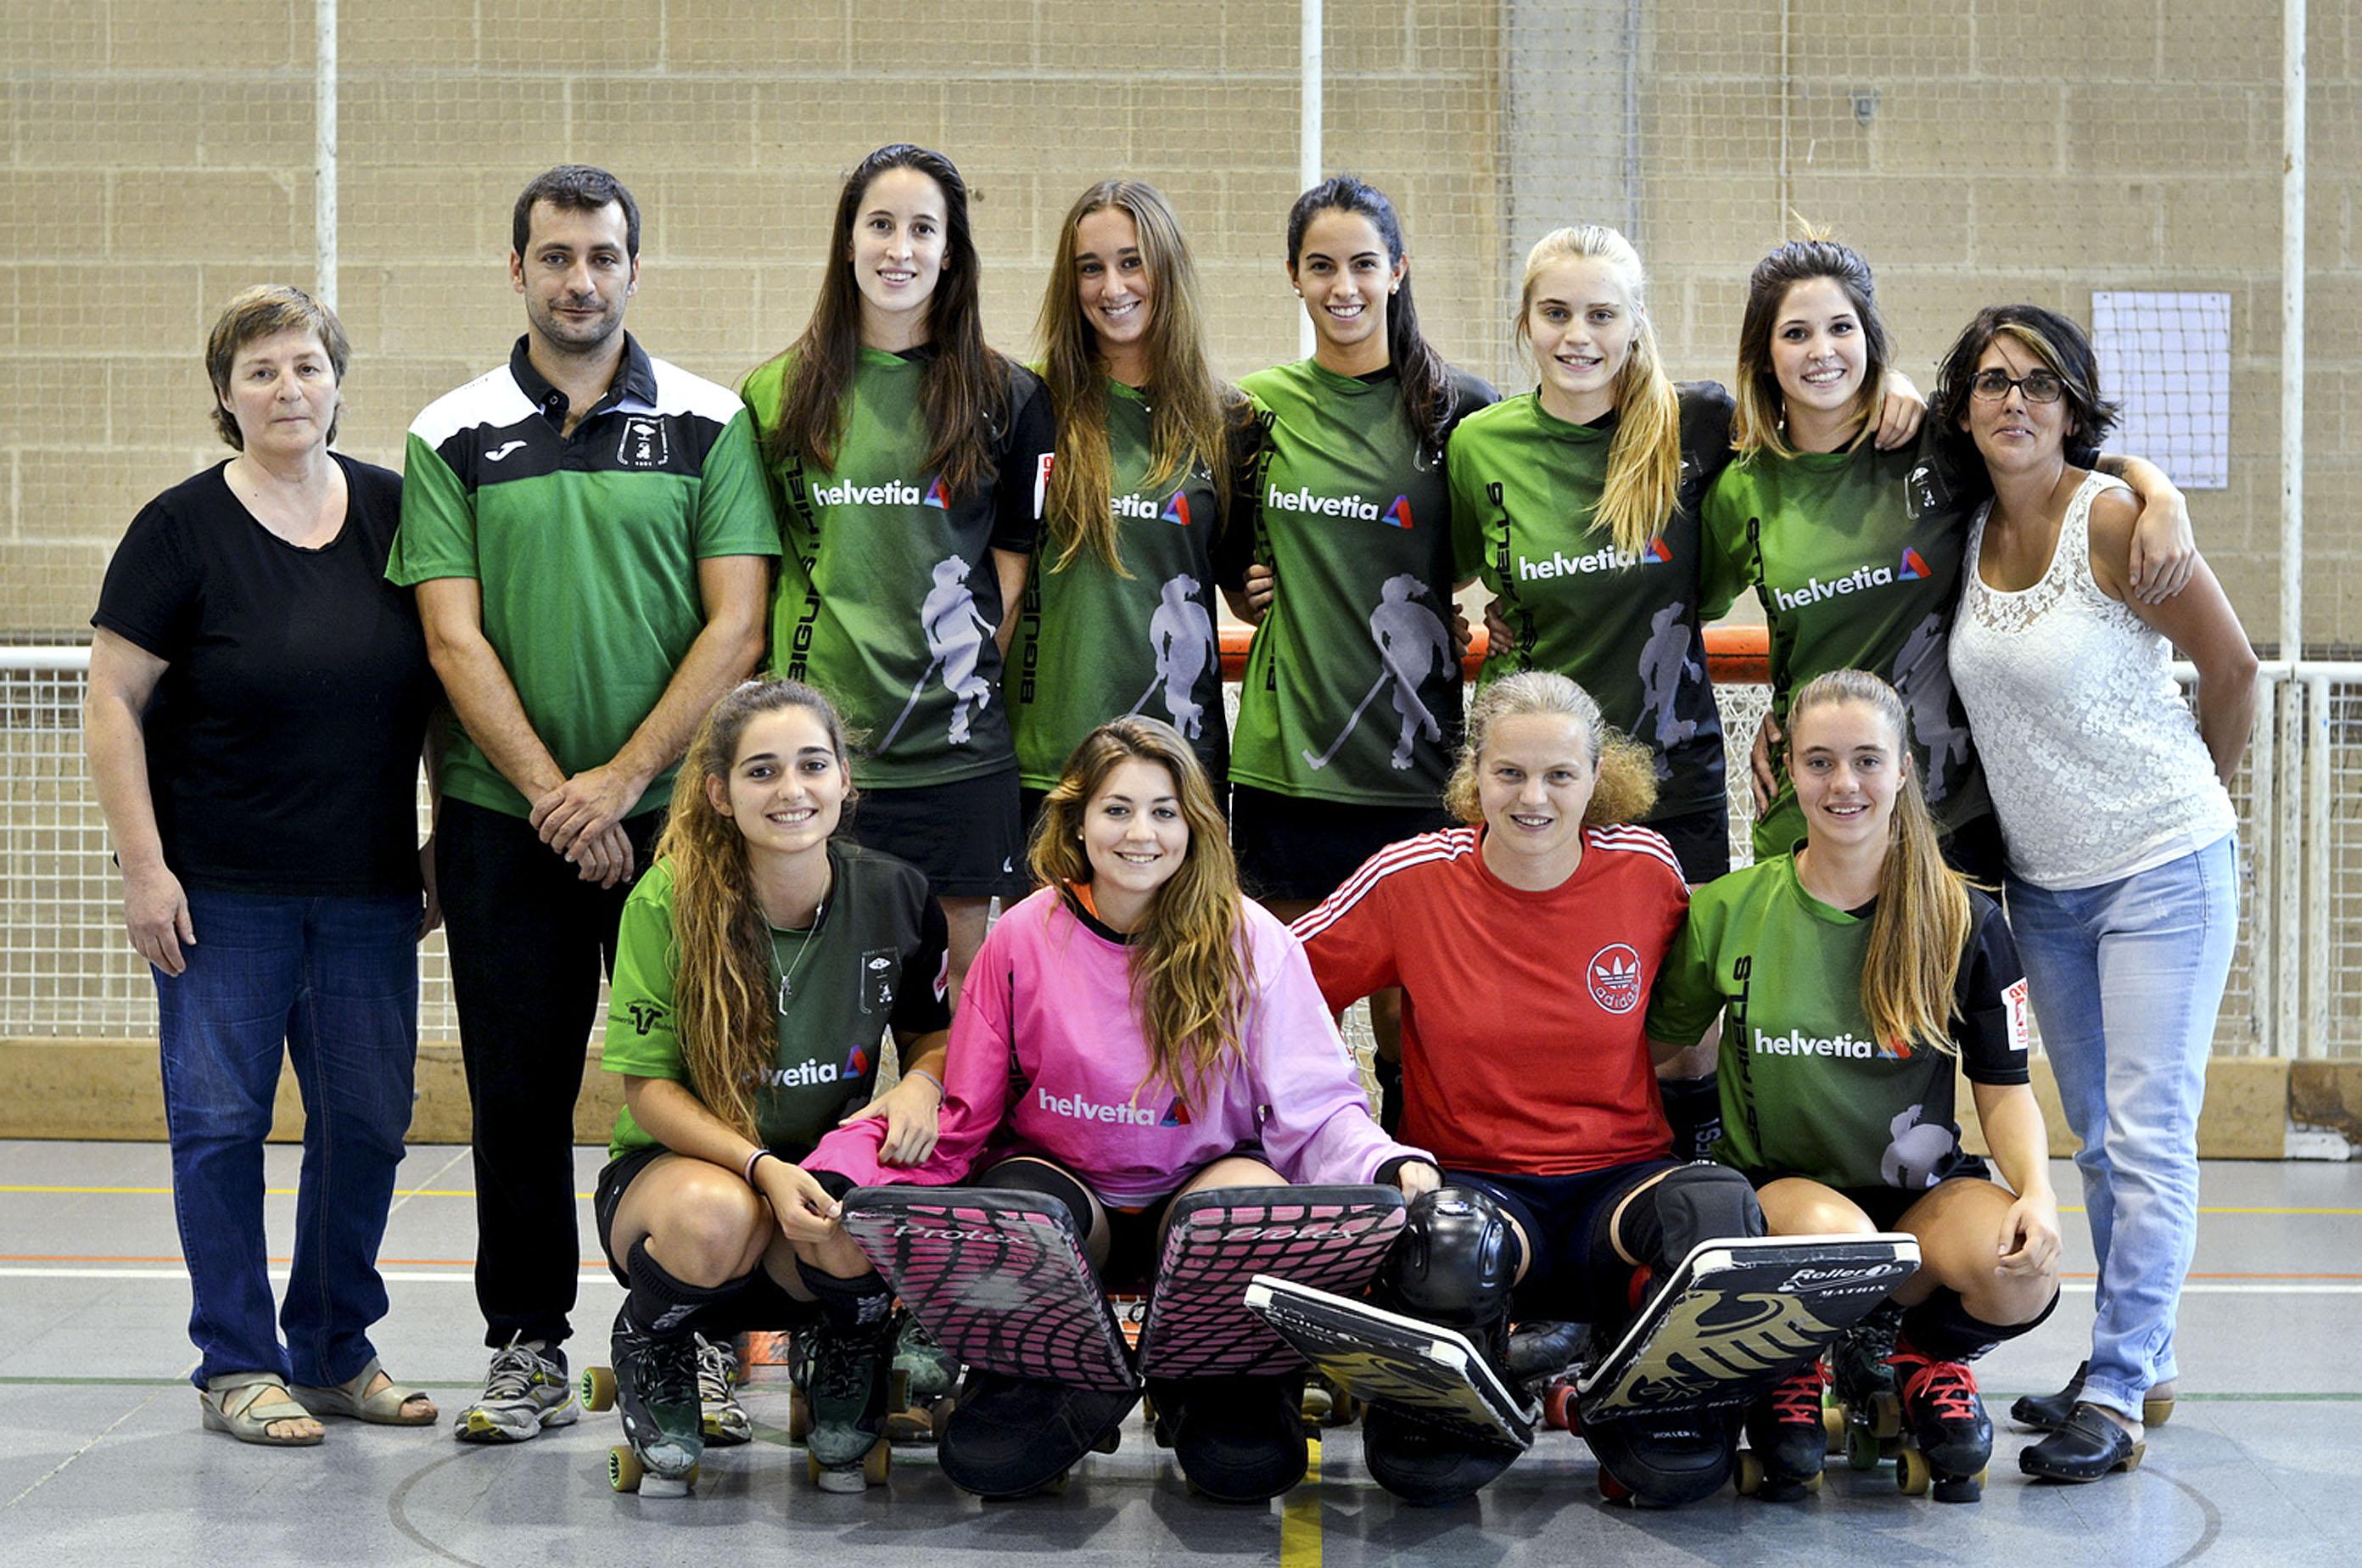 L'equip és el mateix de l'any passat, amb la nova portera Georgina Gervilla